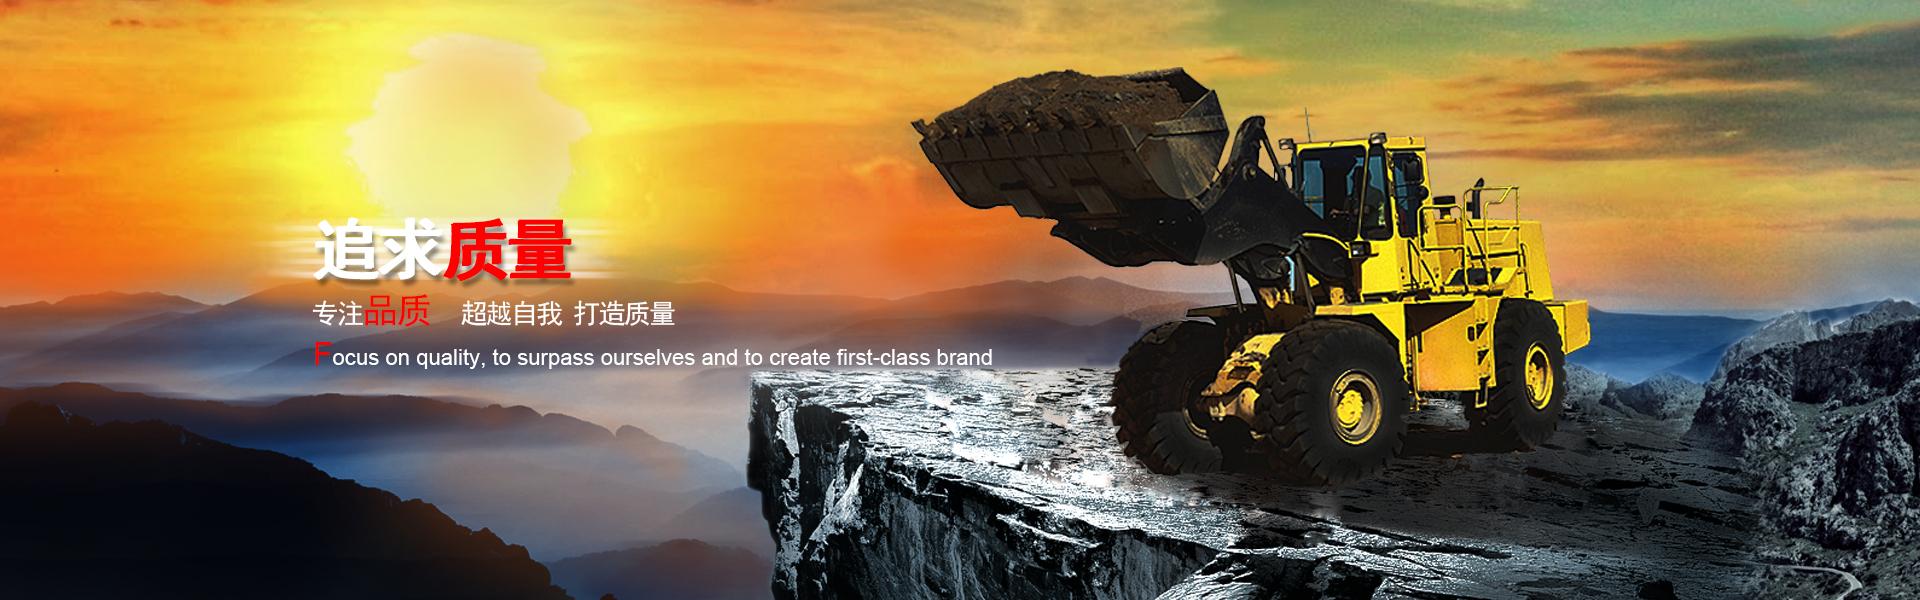 甘肃大宇挖掘机职业培训学校(电话:13893645244)-兰州挖掘机培训、装载机培训、平路机培训、推土机培训、压路机培训、起重机培训等各类工程机械培训与维修专业。